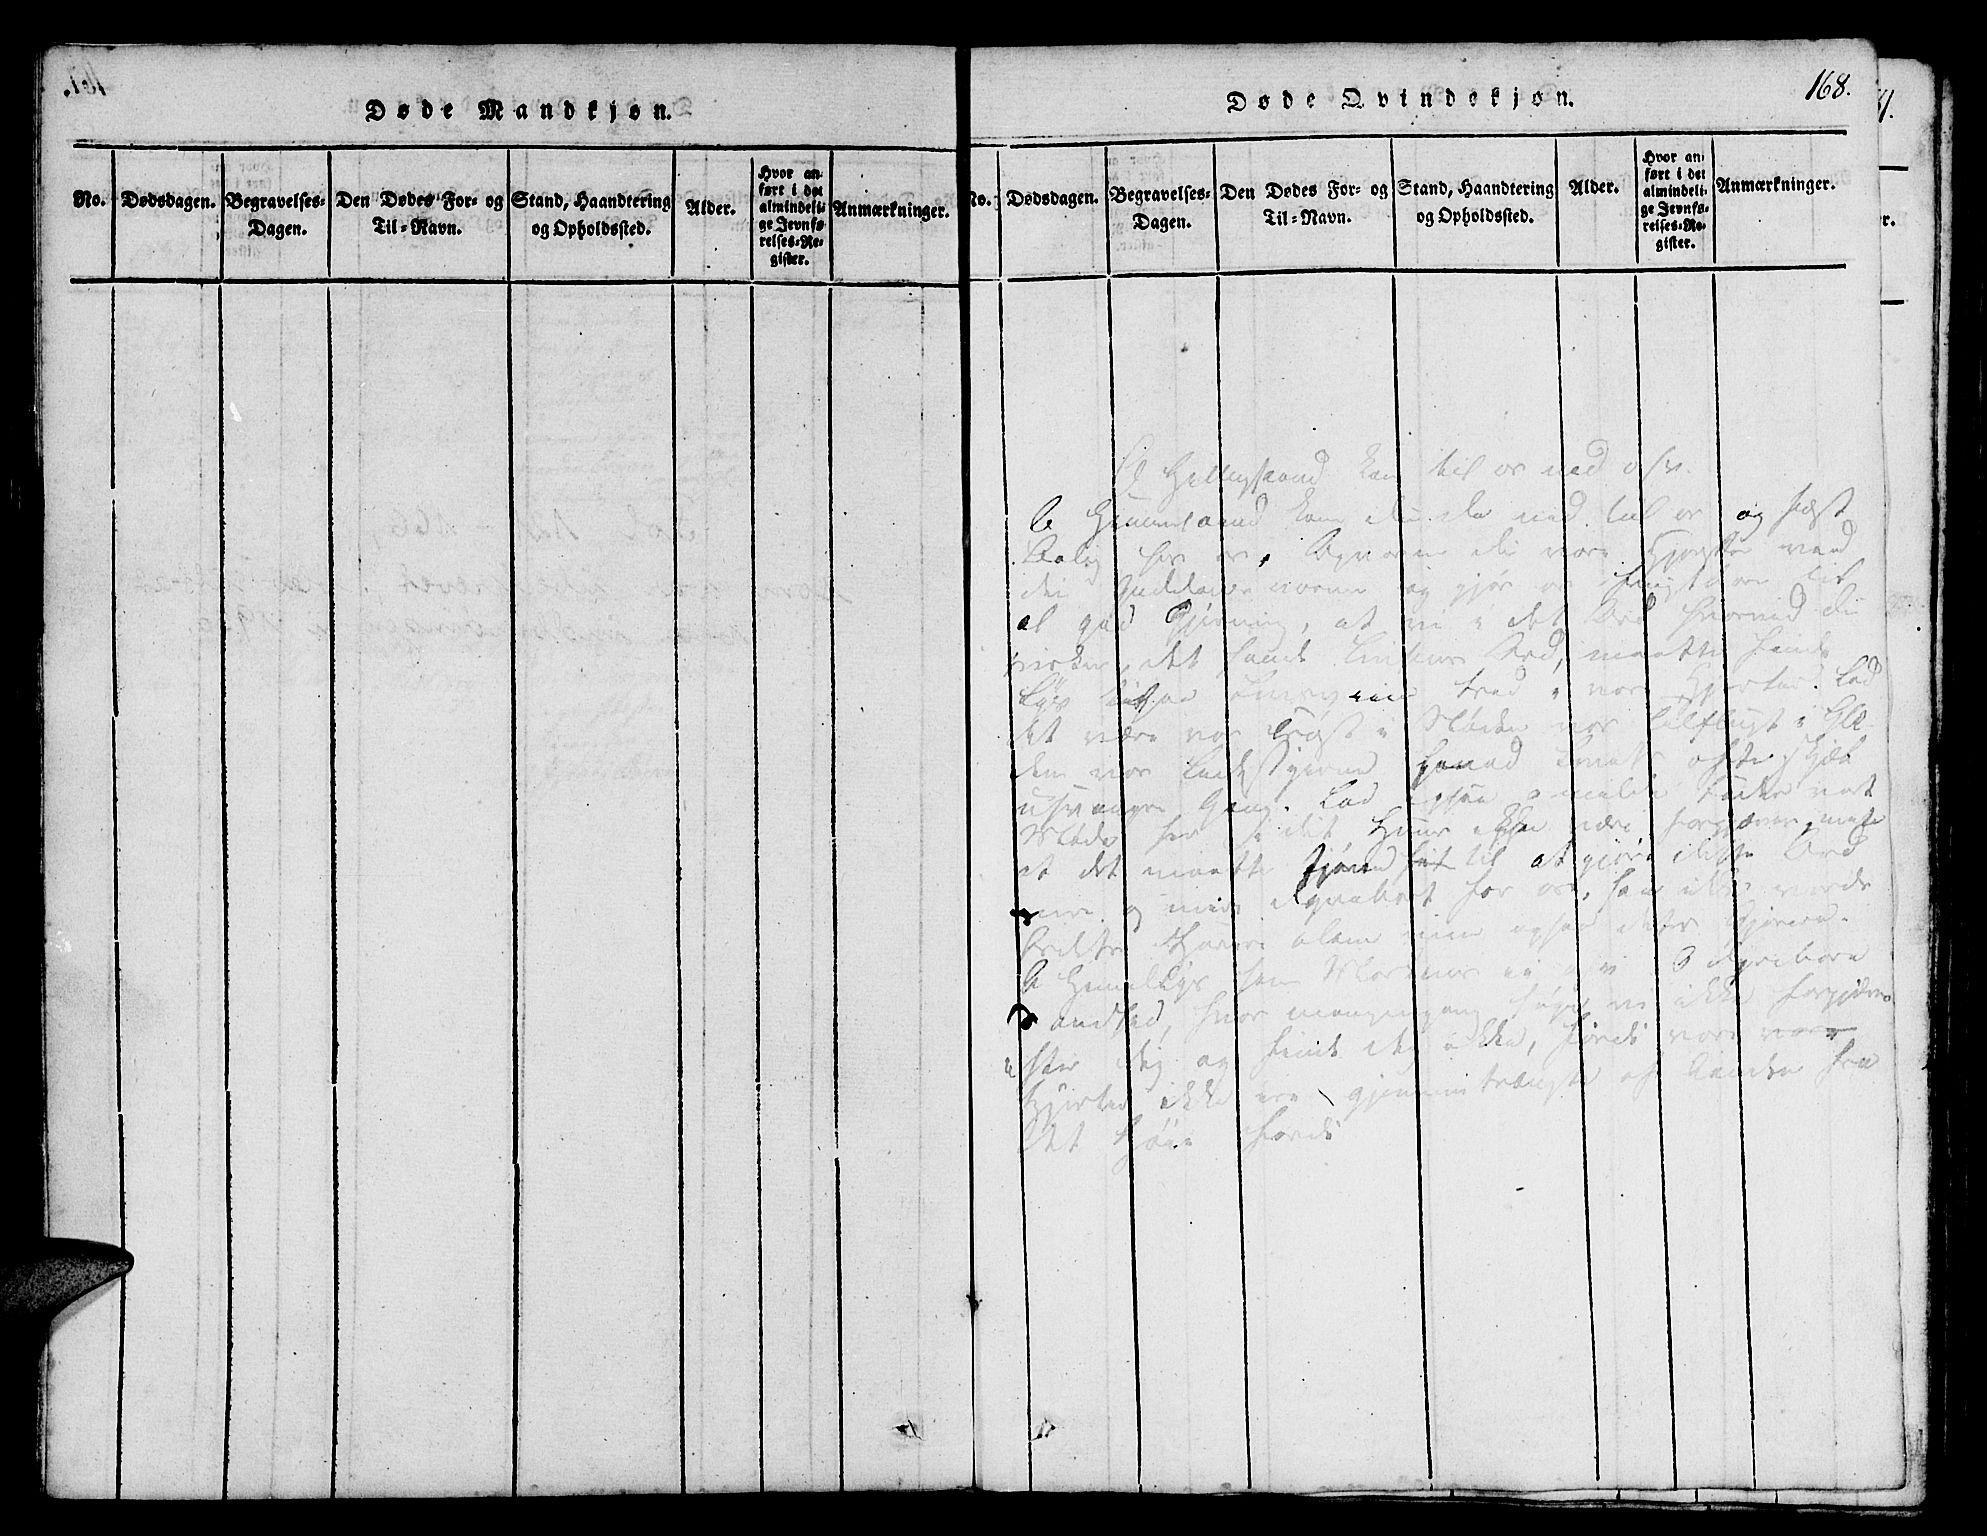 SAT, Ministerialprotokoller, klokkerbøker og fødselsregistre - Sør-Trøndelag, 665/L0776: Klokkerbok nr. 665C01, 1817-1837, s. 168